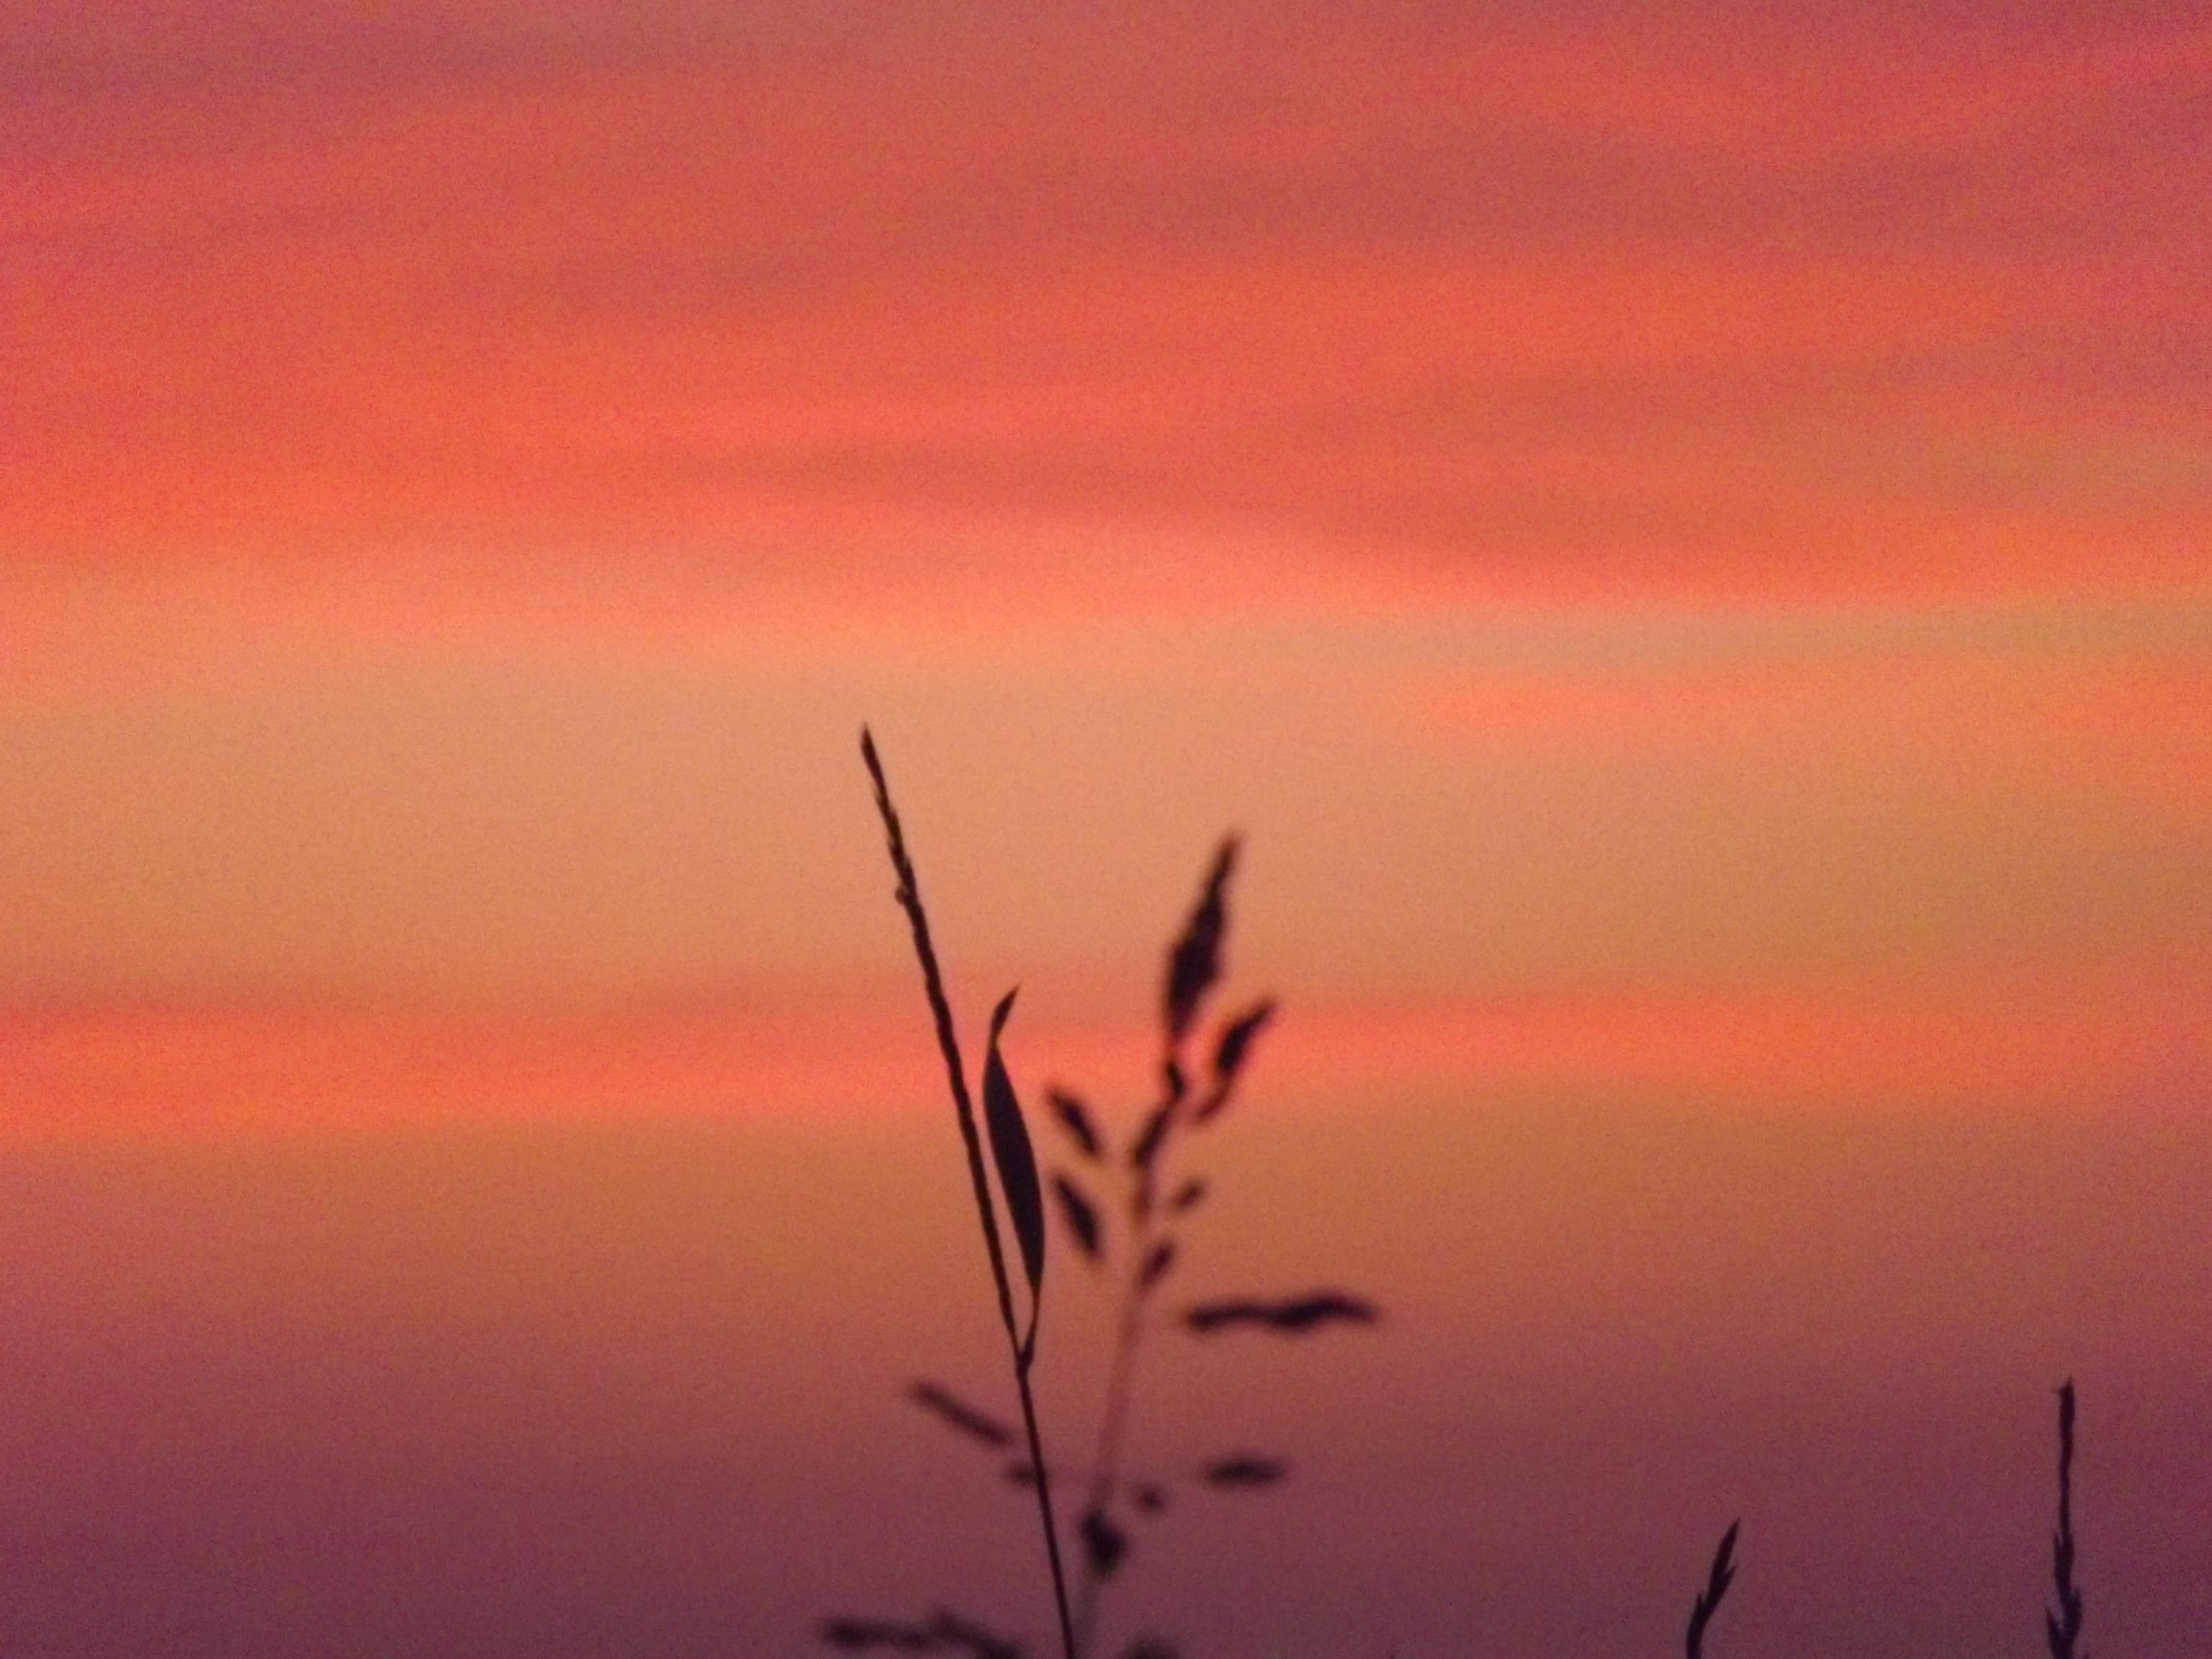 8696-grashalm-vor-rot-braunem-himmel